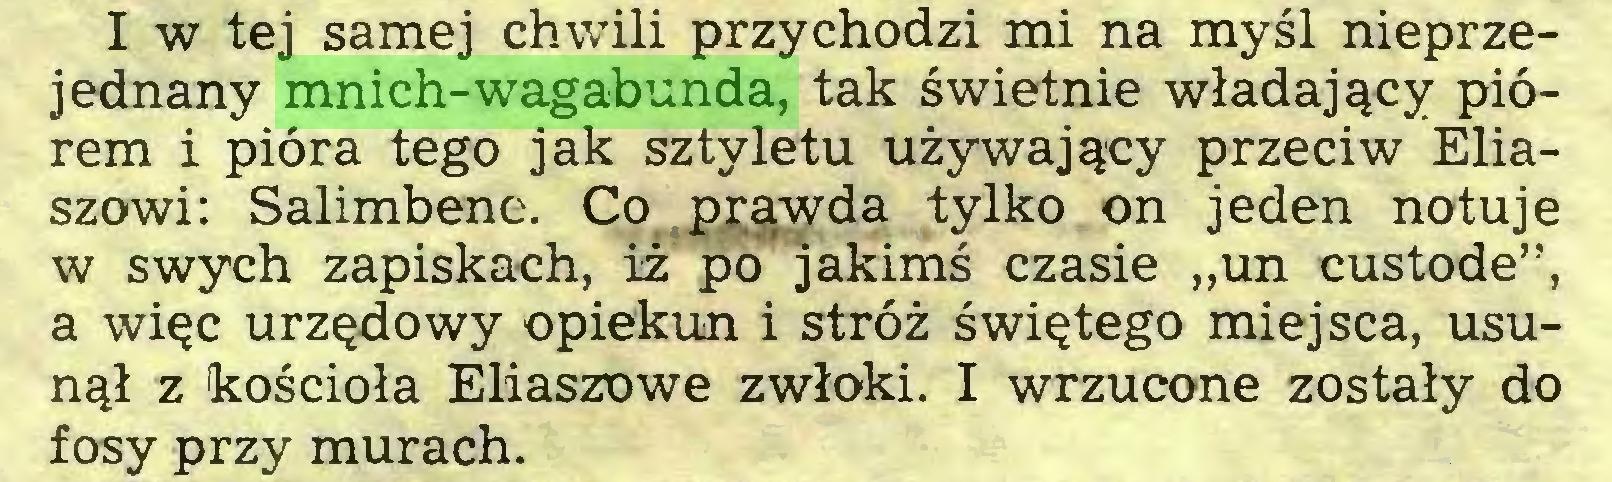 """(...) I w tej samej chwili przychodzi mi na myśl nieprzejednany mnich-wagabunda, tak świetnie władający piórem i pióra tego jak sztyletu używający przeciw Eliaszowi: Salimbene. Co prawda tylko on jeden notuje w swych zapiskach, iż po jakimś czasie """"un custode"""", a więc urzędowy opiekun i stróż świętego miejsca, usunął z kościoła Eliaszowe zwłoki. I wrzucone zostały do fosy przy murach..."""